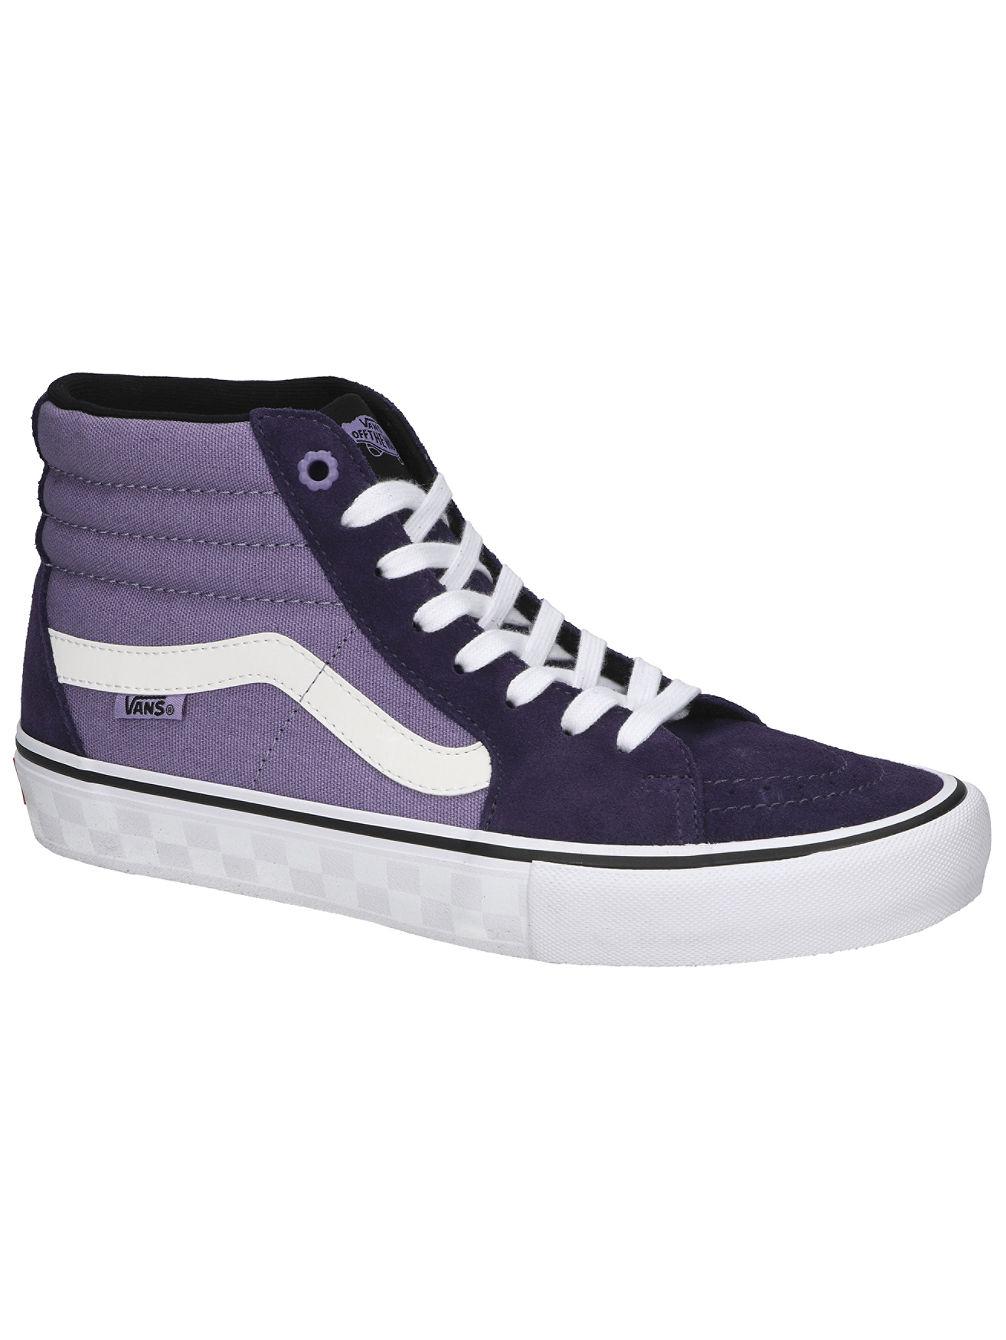 online store 8692f e54f8 Lizzie Armanto Sk8-Hi Pro Skate Shoes